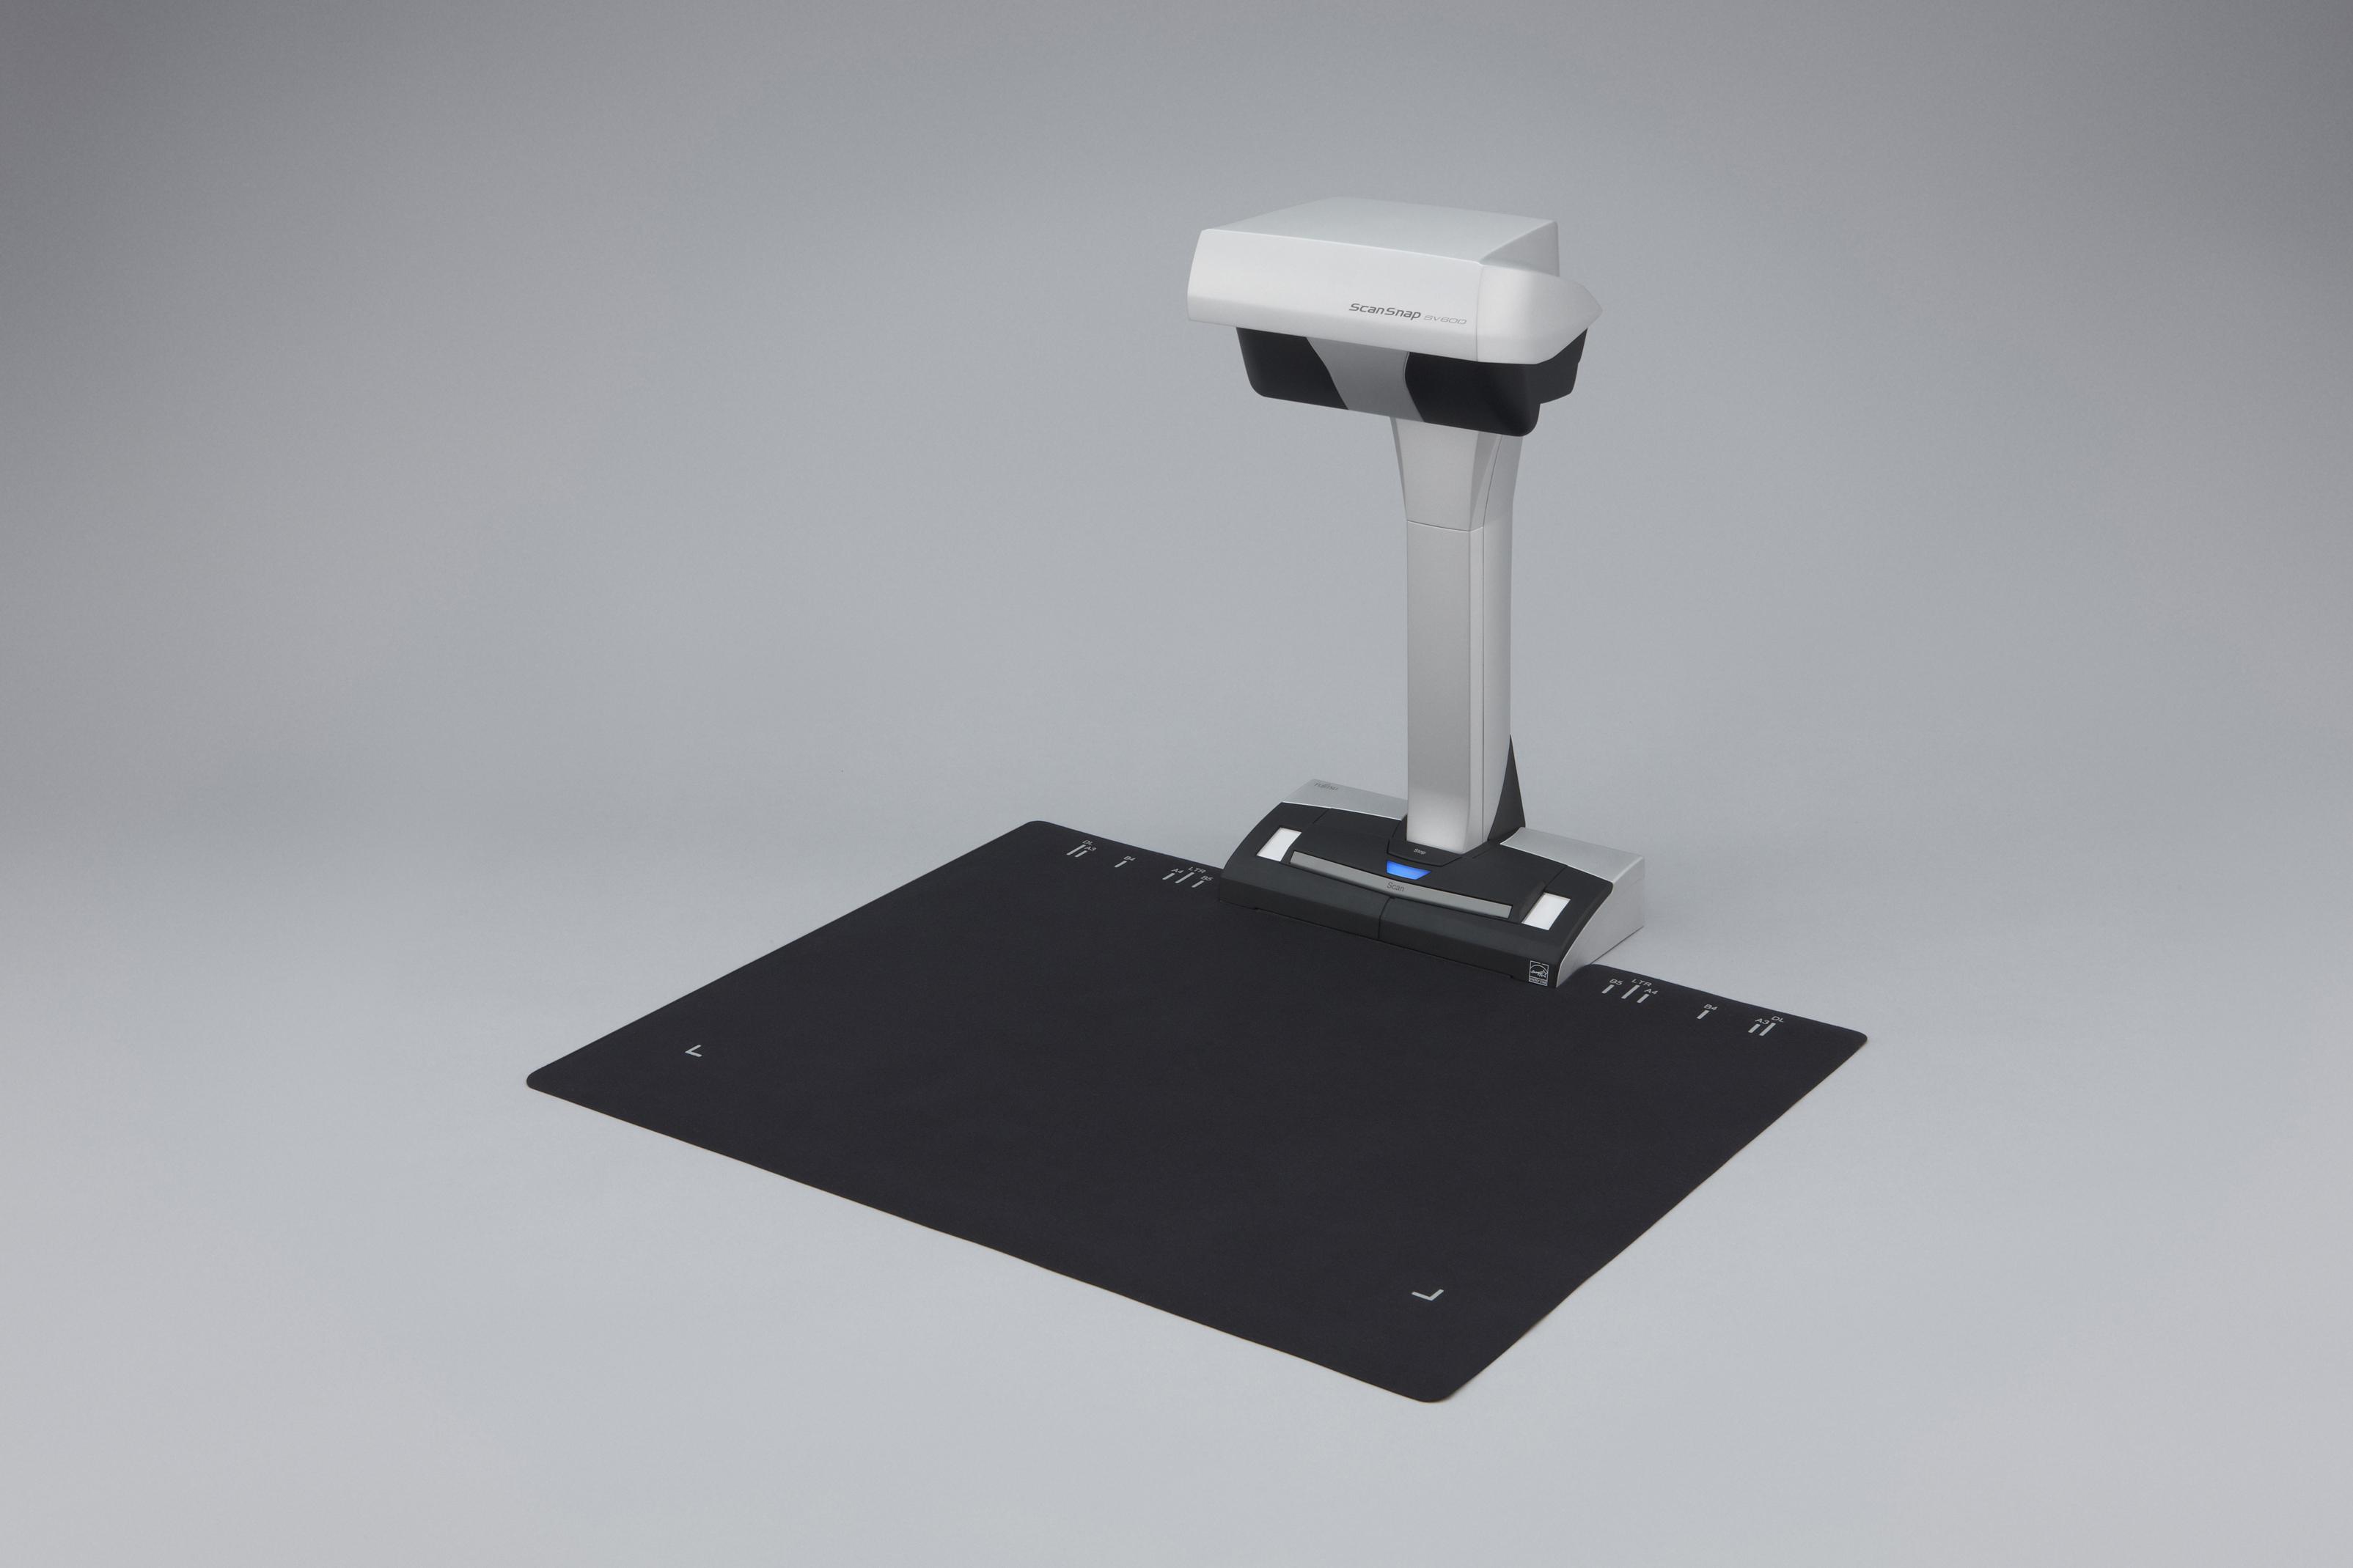 Fujitsu ScanSnap SV600 Overhead scanner 285 x 218DPI A3 Schwarz - Weiß